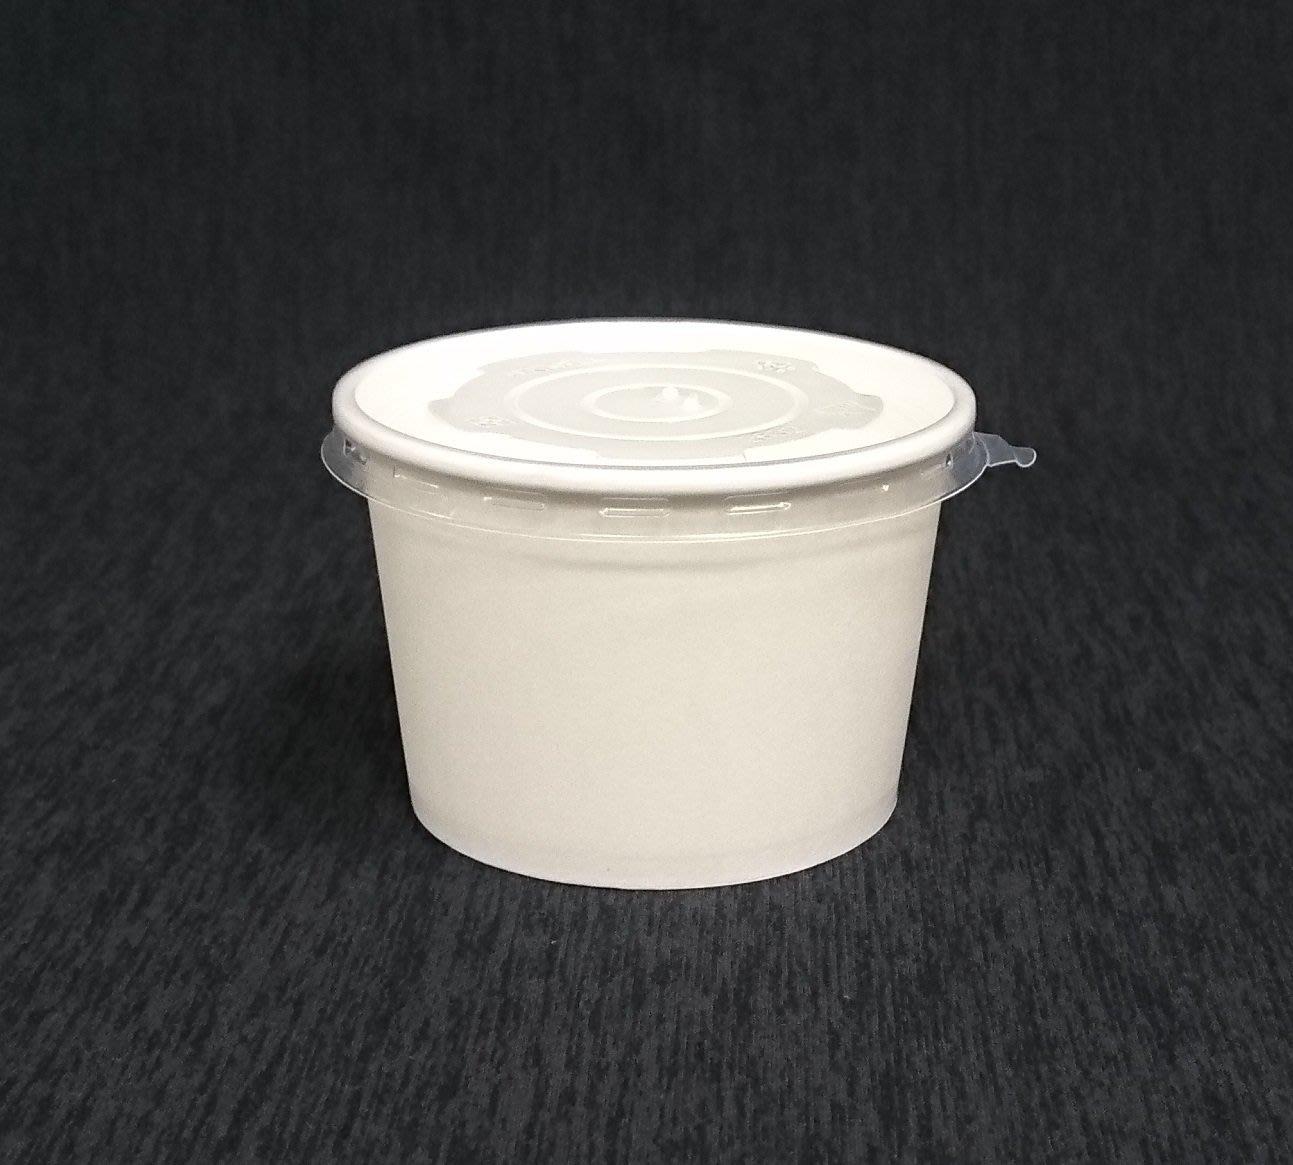 50組【全白 390湯杯+蓋】白色碗 紙碗 紙湯杯 紙湯碗 麵碗 紙餐盒 紙便當盒 免洗碗 晶得閒